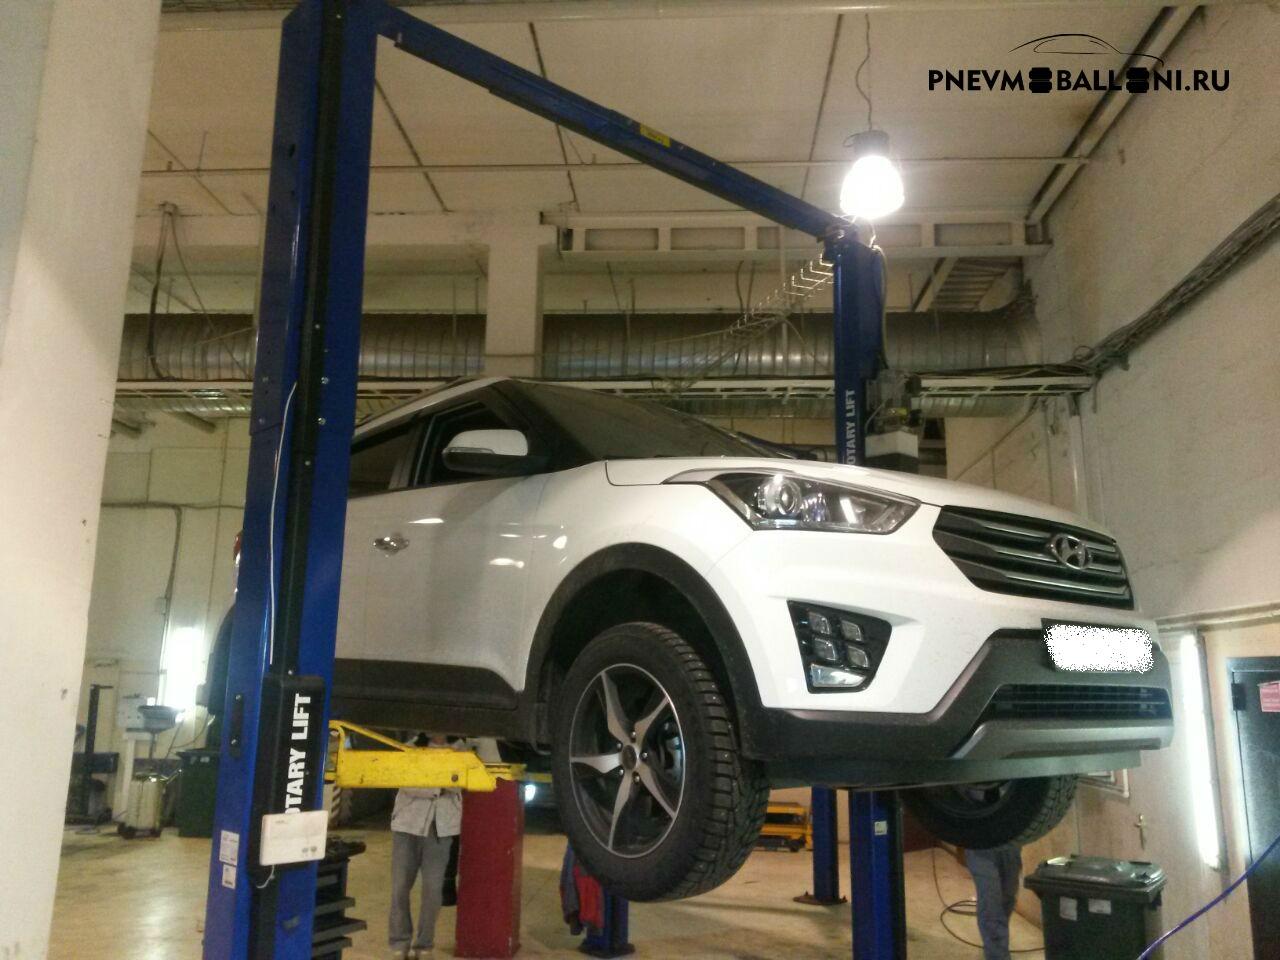 Установка пневмобаллонов на Hyundai Creta - Как сделать автомобиль комфортным недорого — LiveJournal